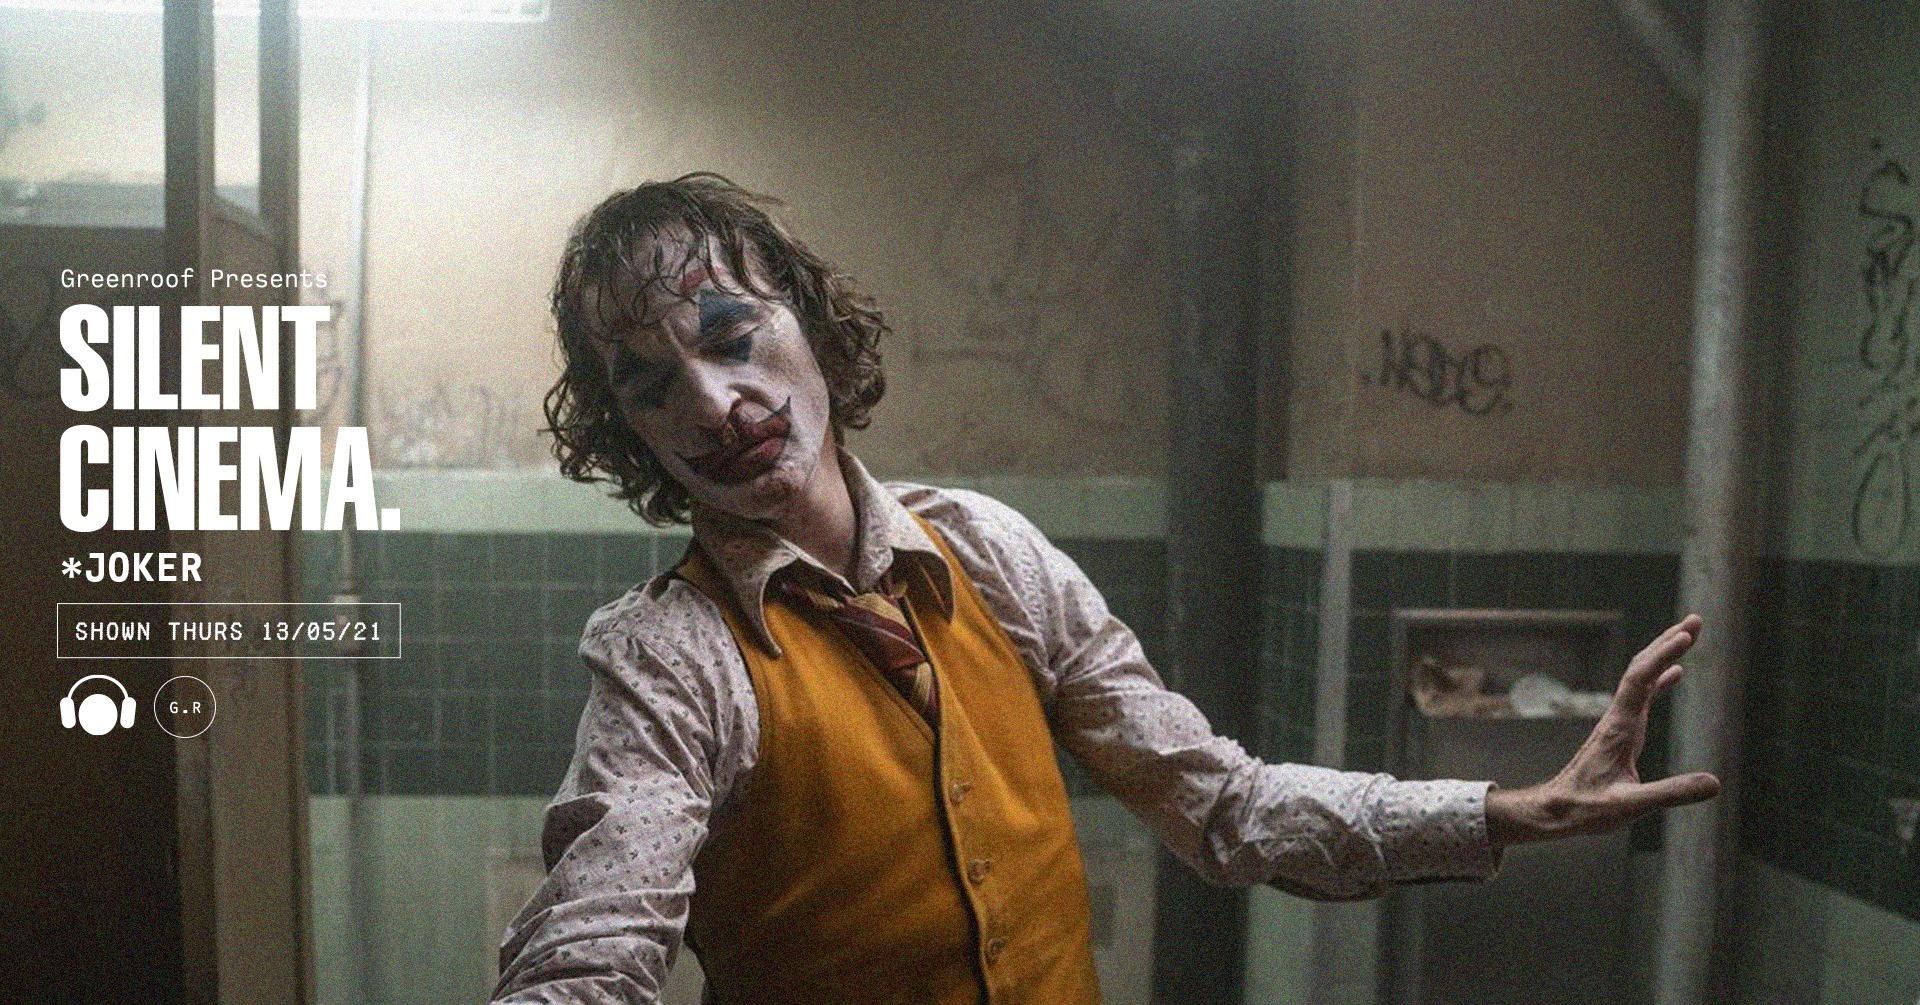 Joker • Silent Cinema at The Greenroof